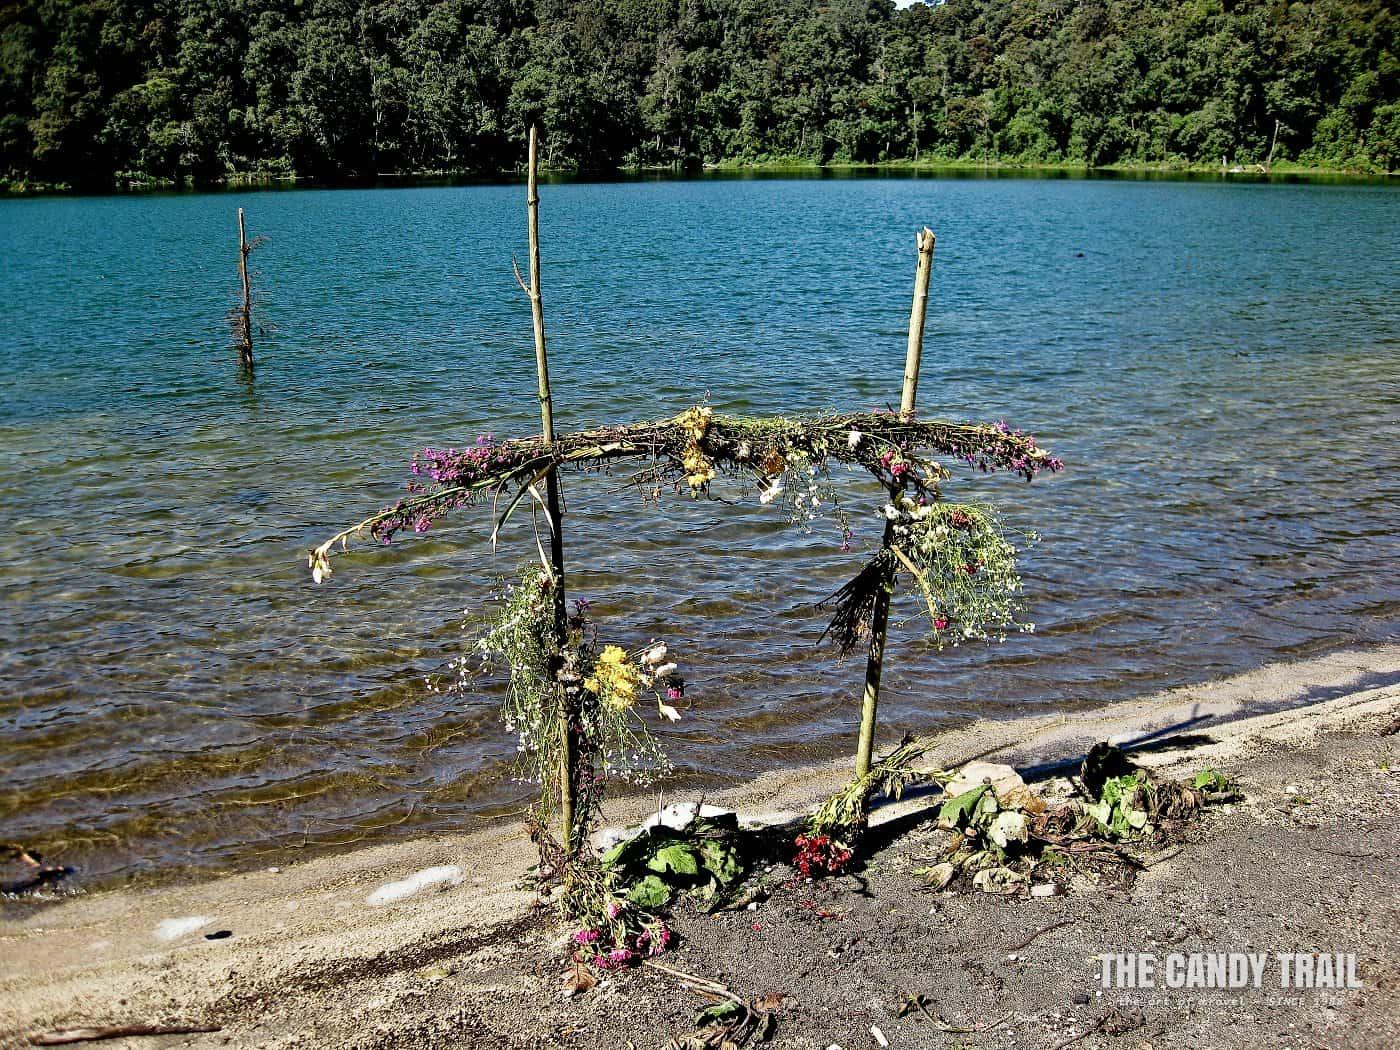 Maya shrine at sacred Lake Chicabal